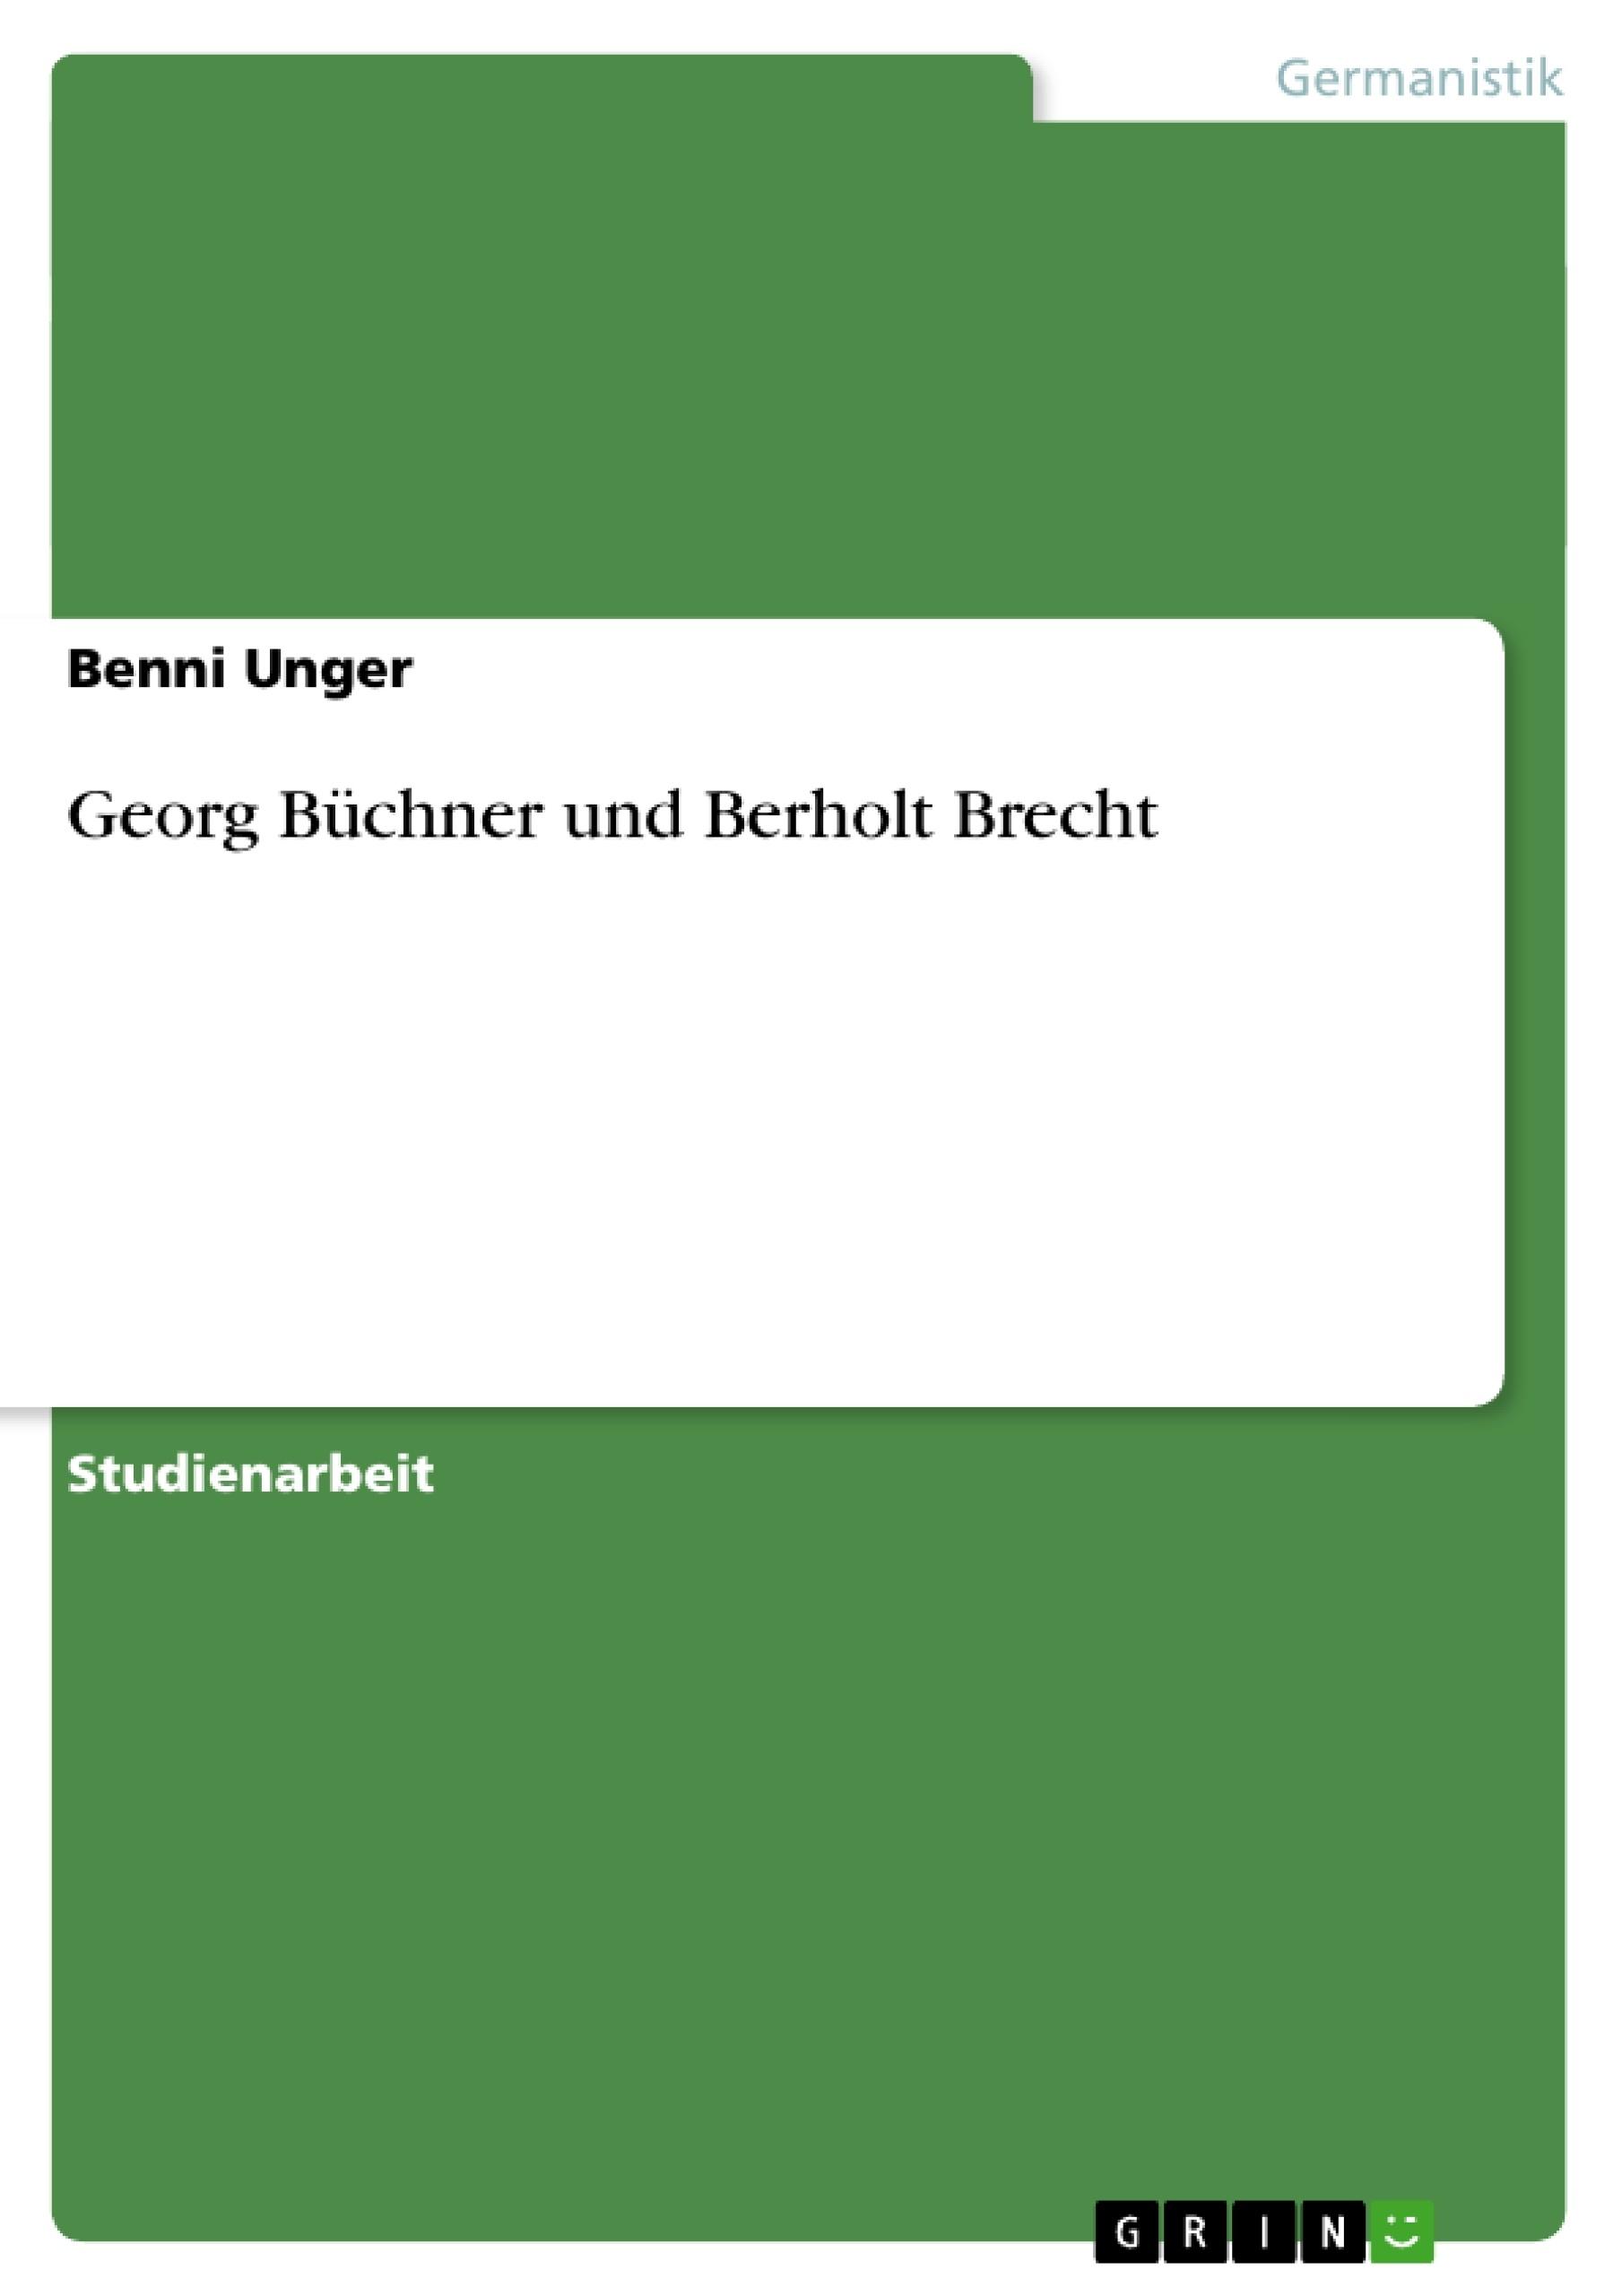 Titel: Georg Büchner und Berholt Brecht